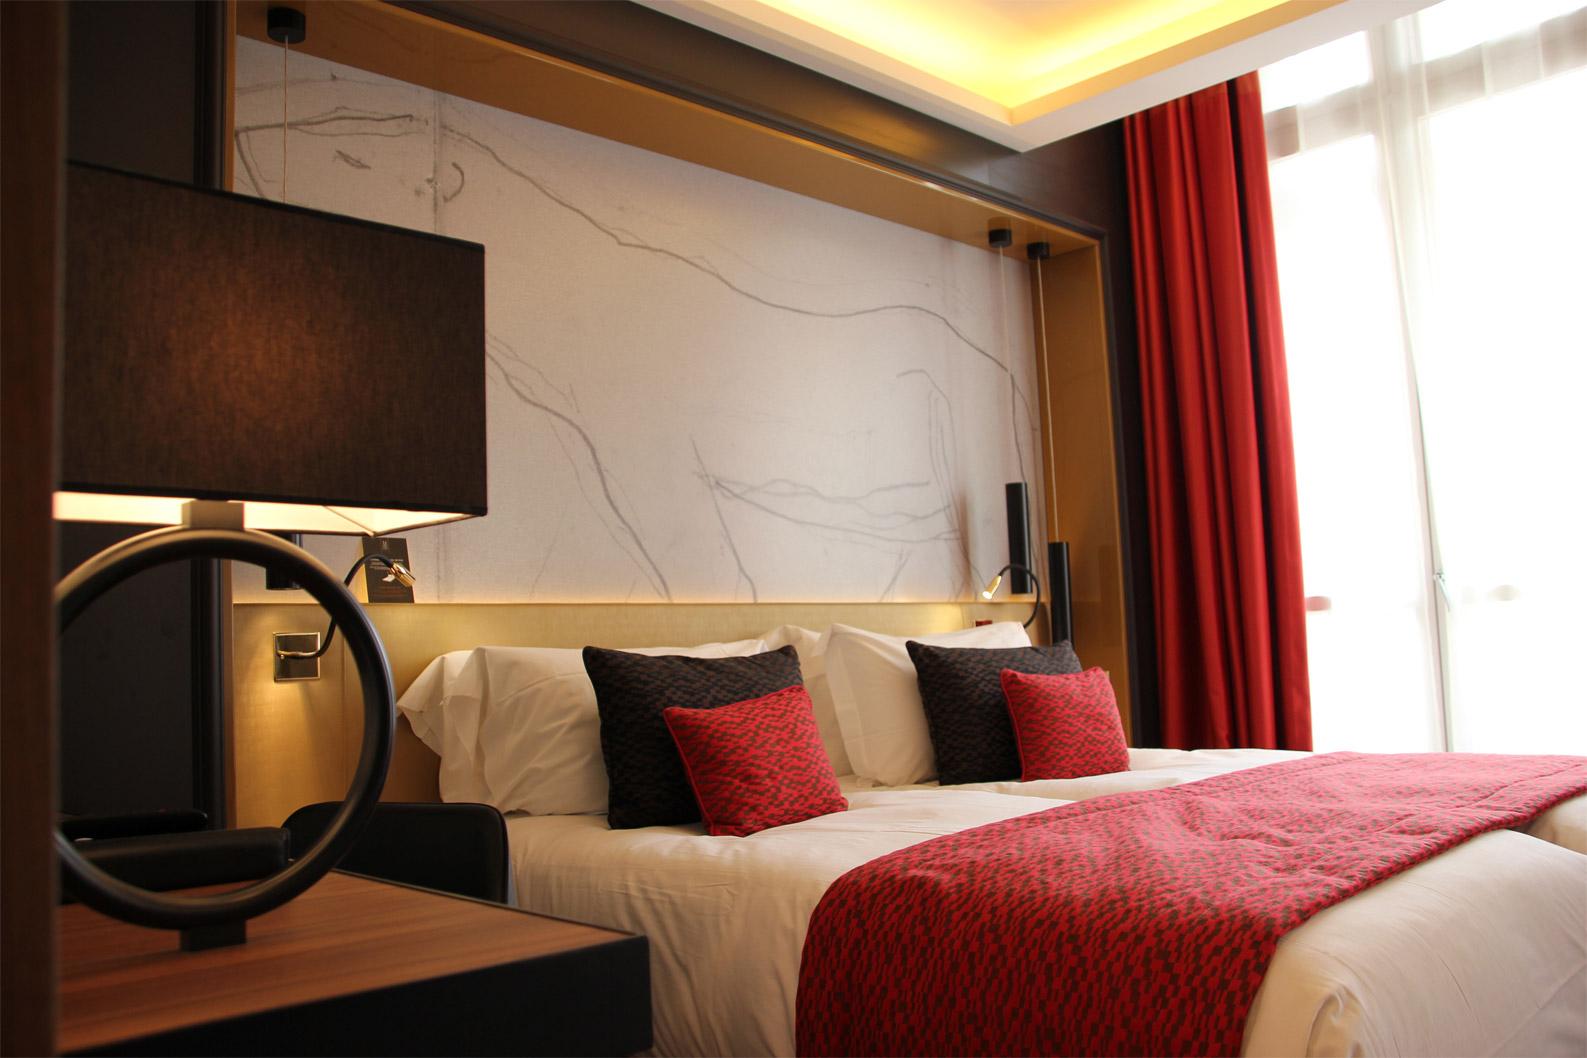 fabrication du mobilier des chambres d'hôtel